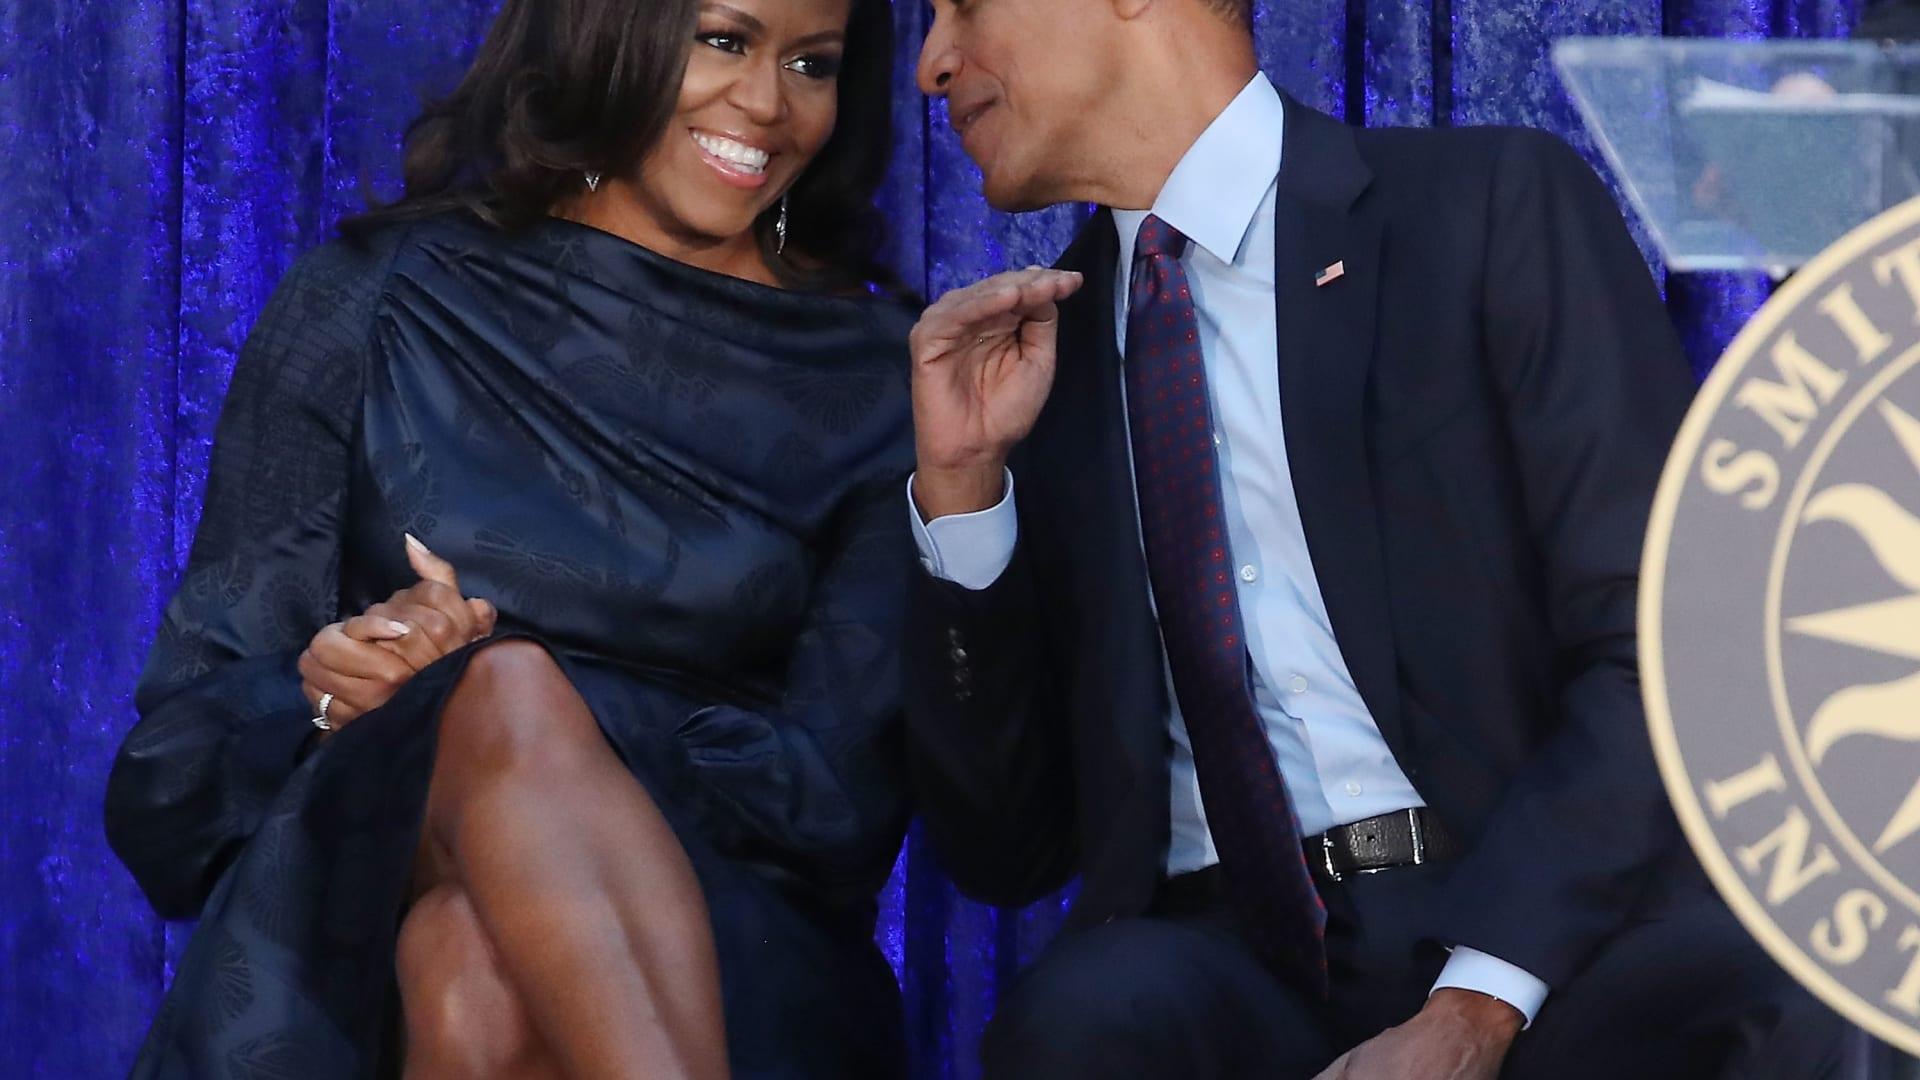 باراك وميشيل أوباما من البيت الأبيض إلى منصة Netflix